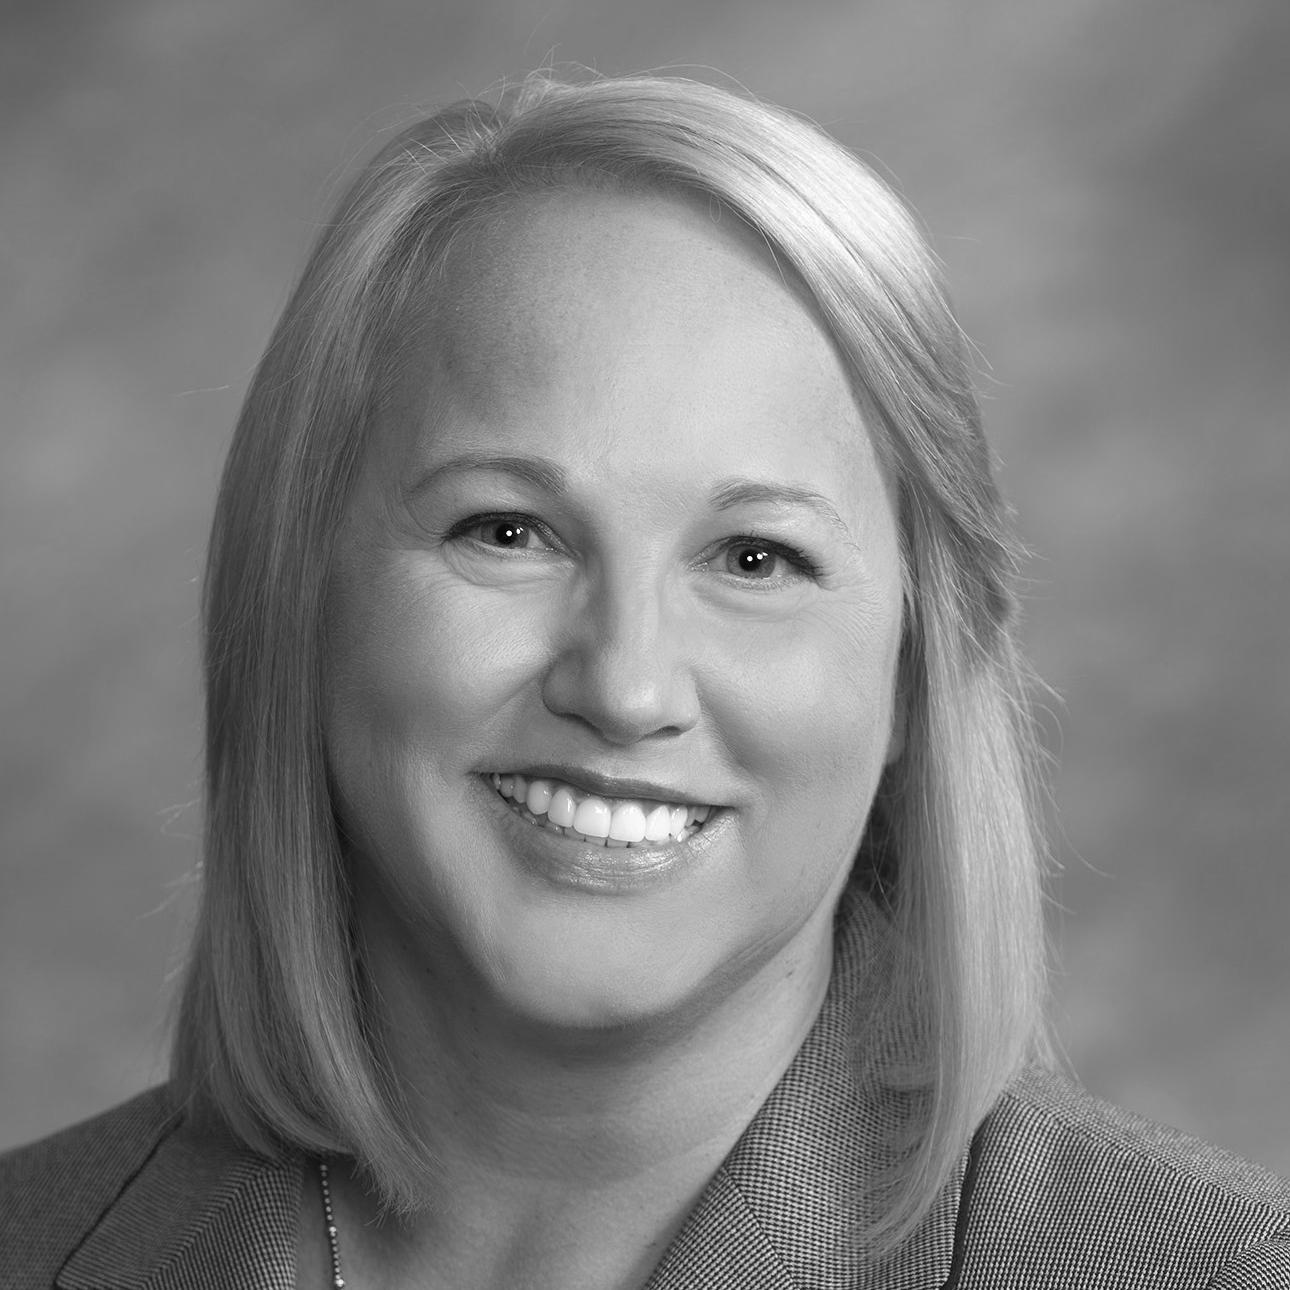 Dr. Lori Simon